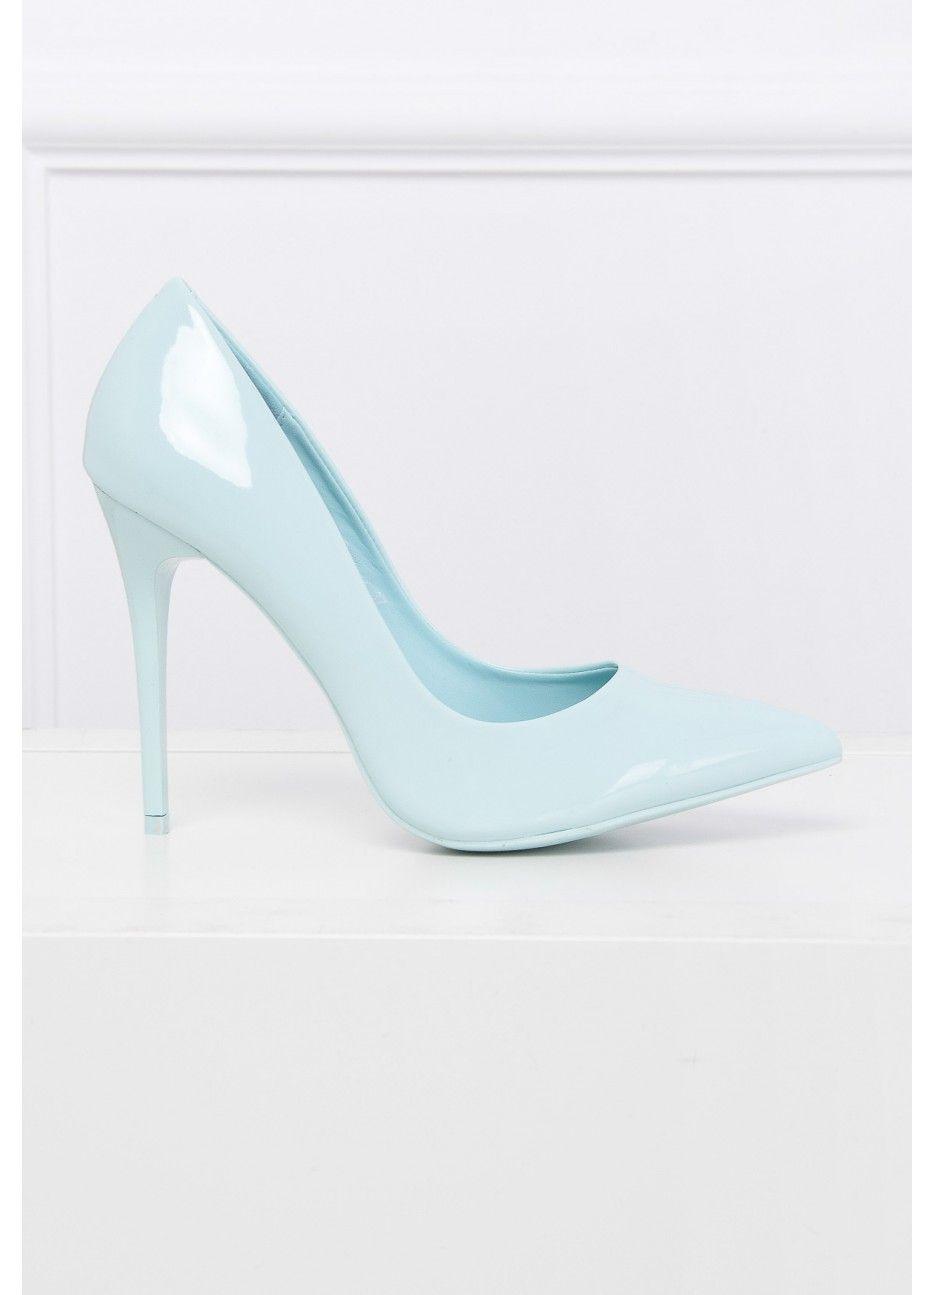 Szpilki Pastele Shoes Wedding Shoe Pumps